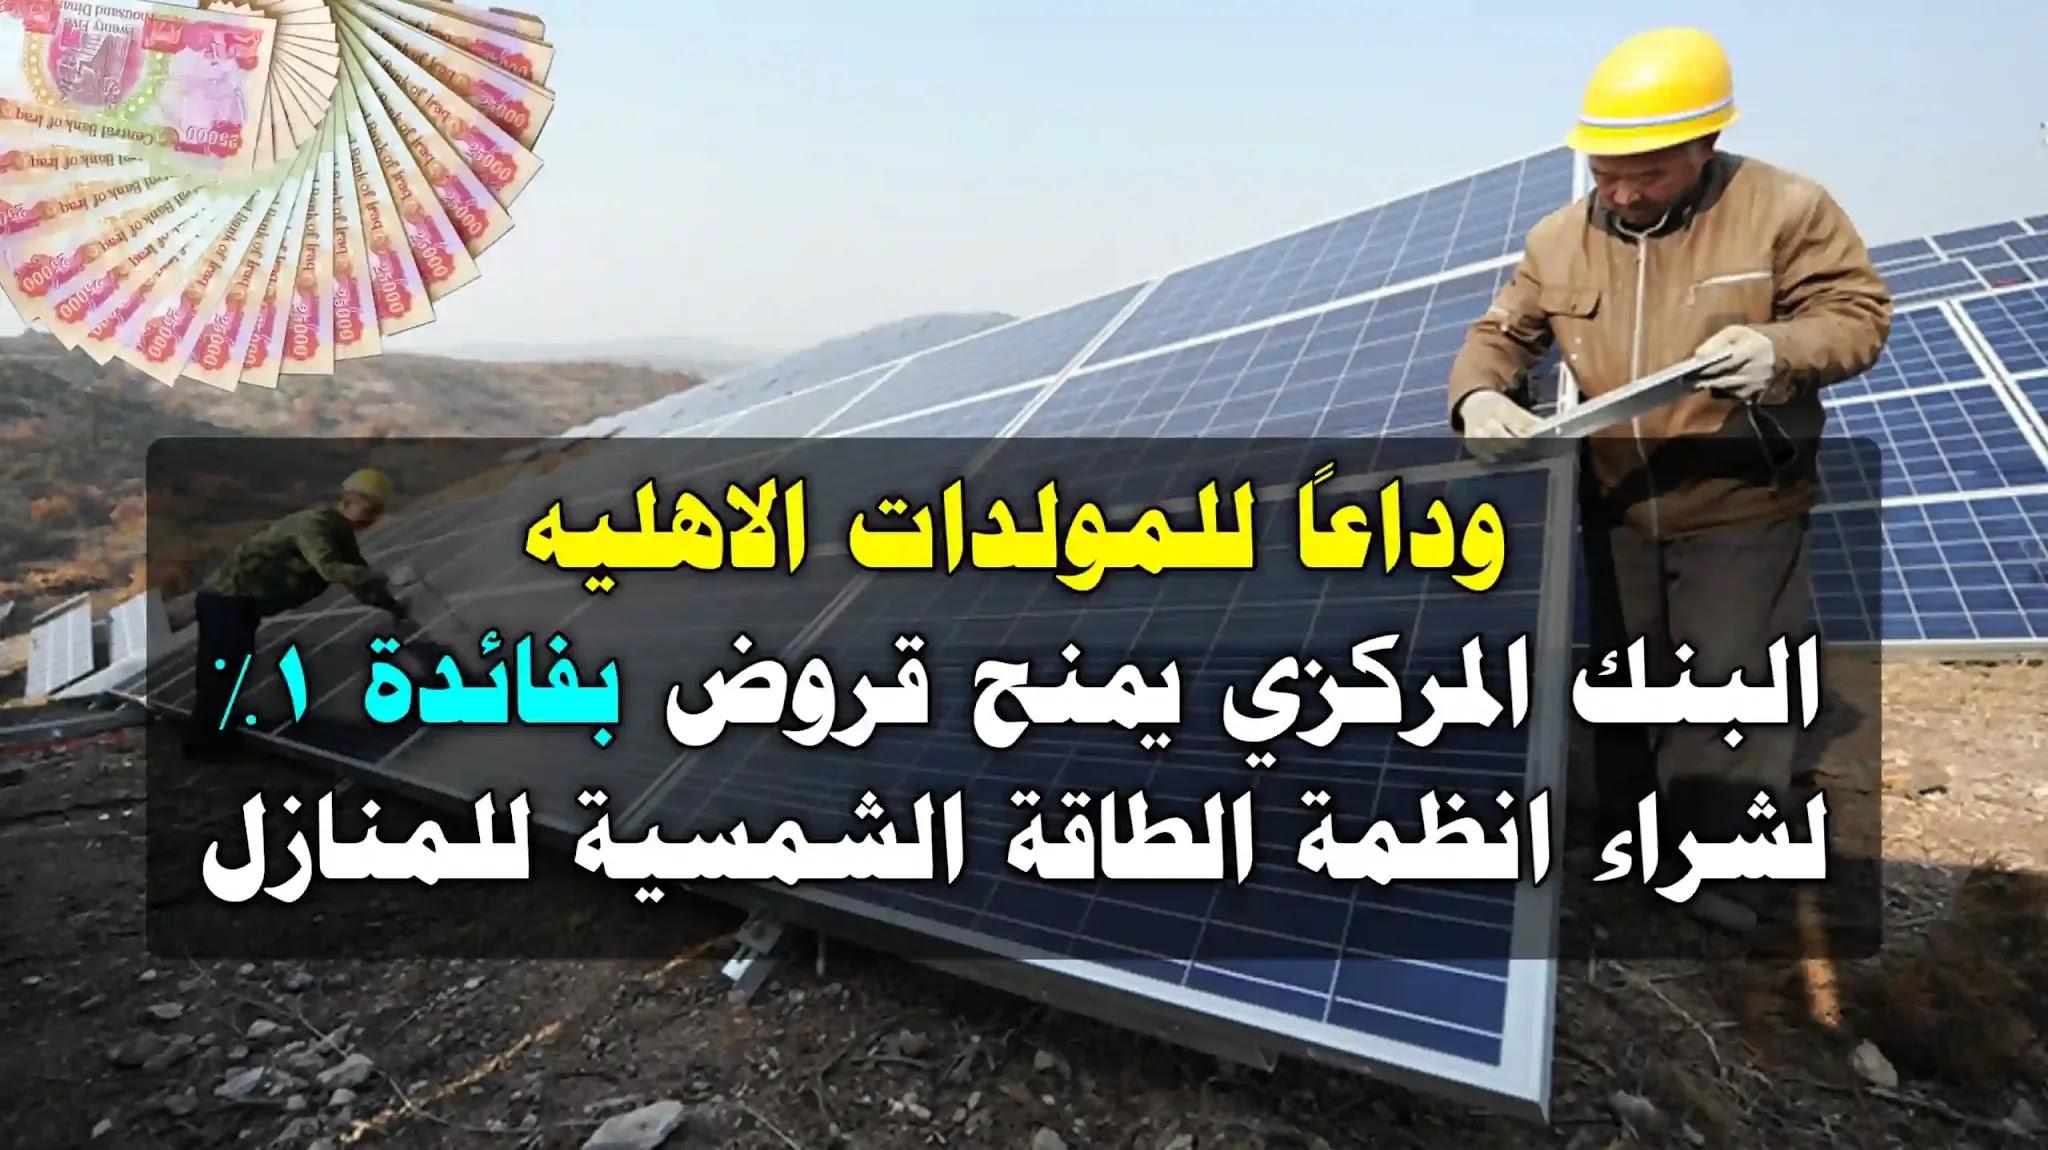 وداعاً للمولدات الاهليه البنك المركزي ينمنح قروض بفائده 1% لشراء انظمة الطاقه الشمسيه قريباً